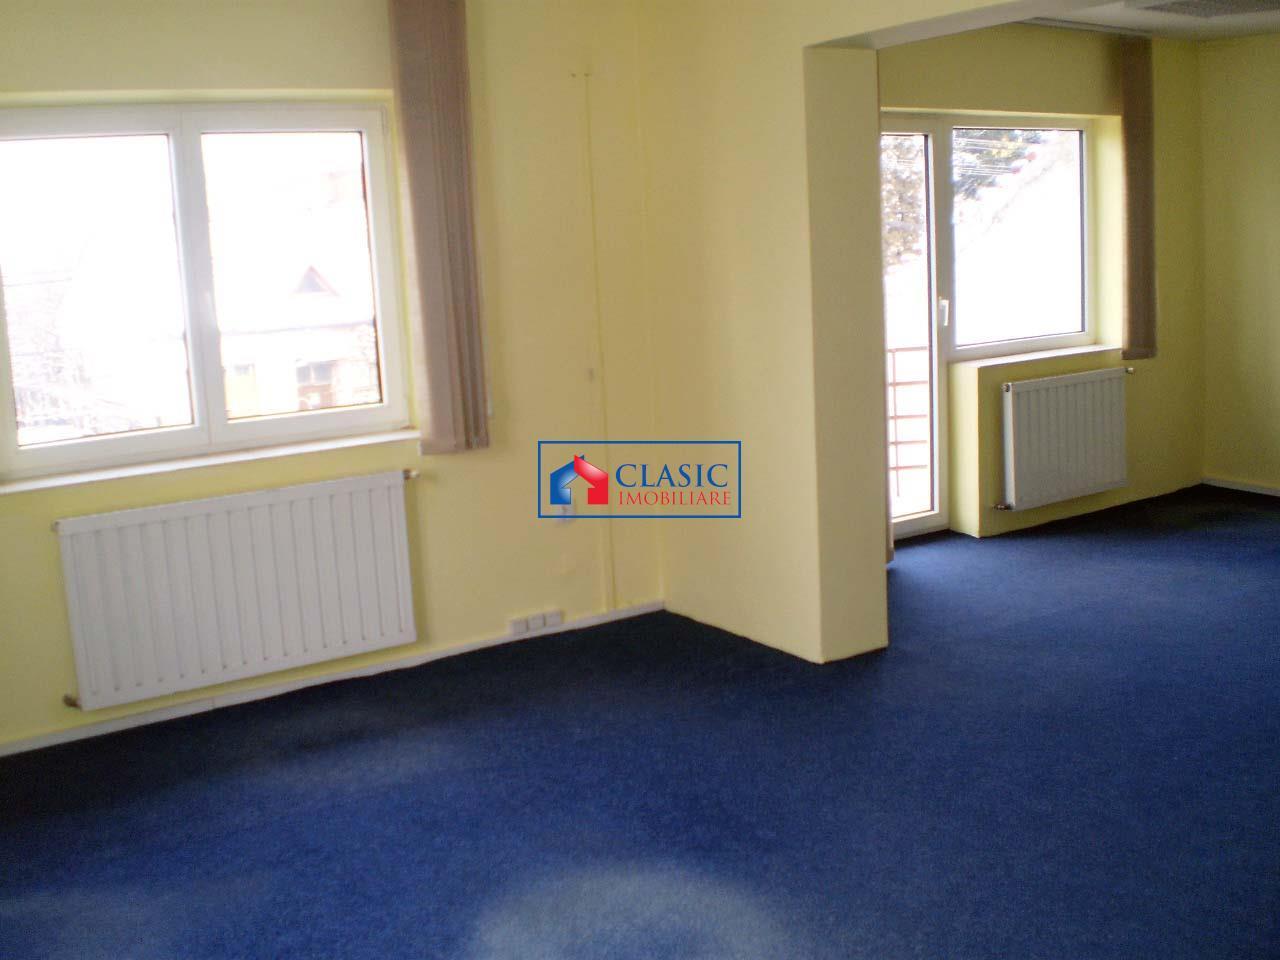 Inchiriere spatiu birouri in casa, zona Gheorgheni, Cluj-Napoca